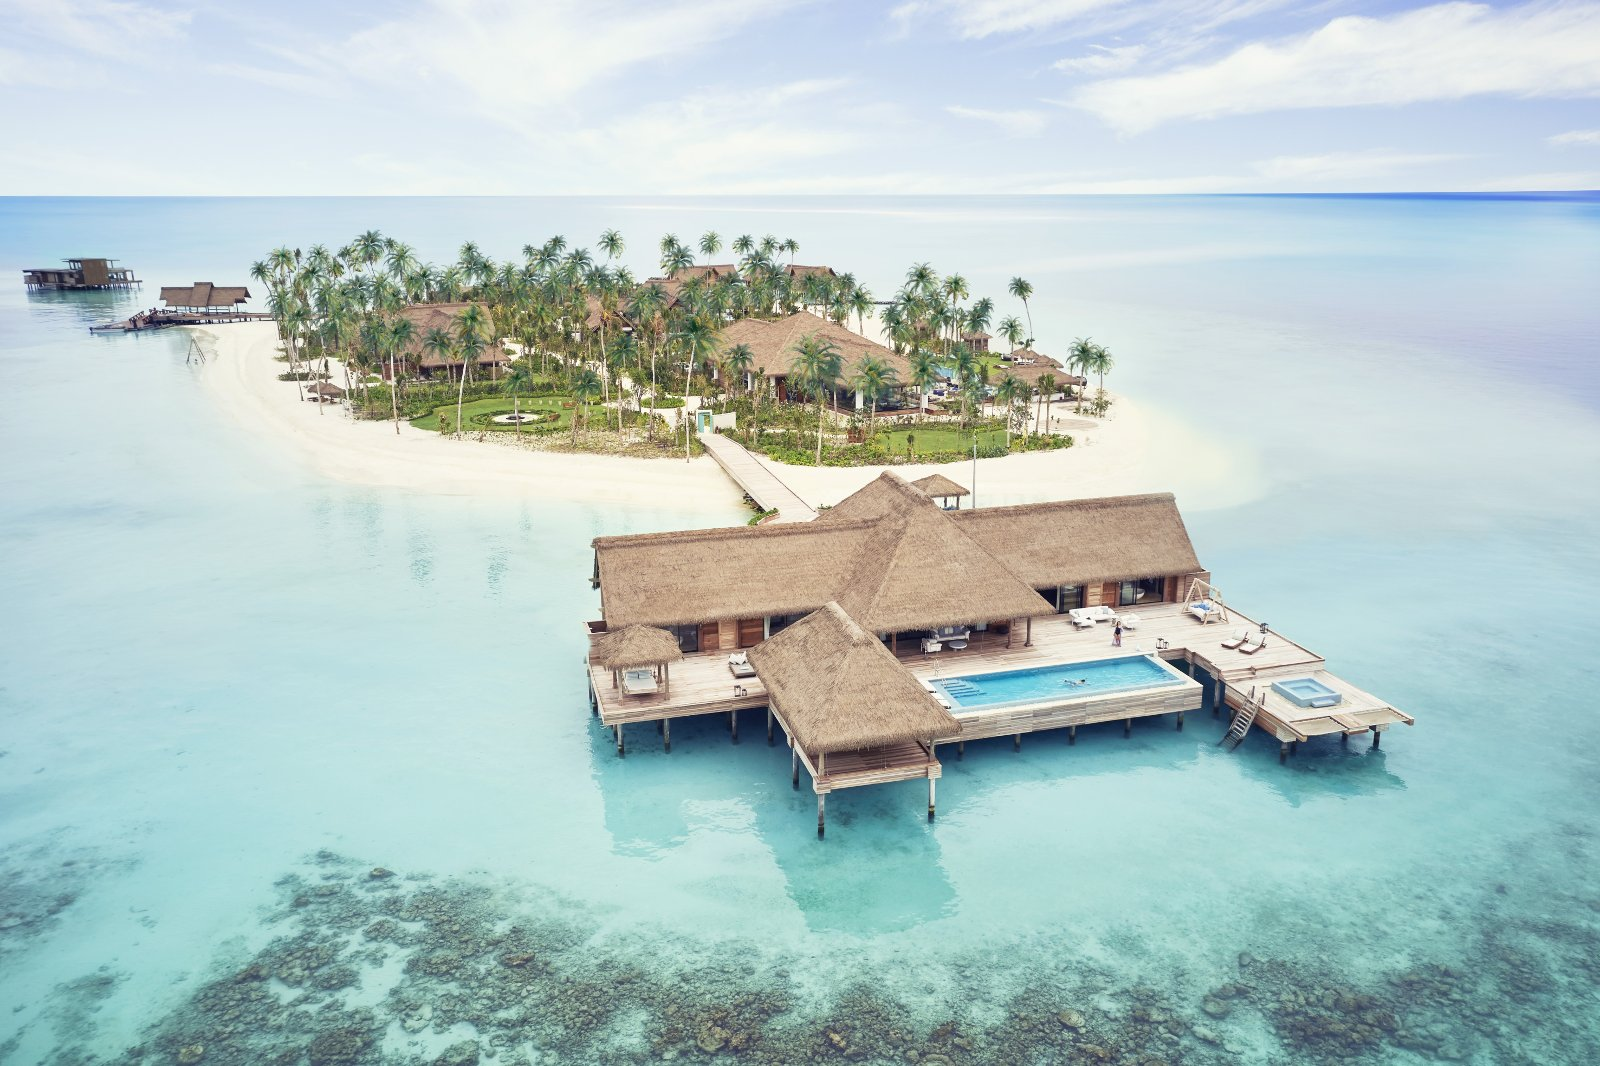 Das Waldorf Astoria Ithaafushi auf den Malediven freut sich ab 15. Juli 2020 auf internationale Gäste. Bildnachweis: Waldorf Astoria Hotels & Resorts